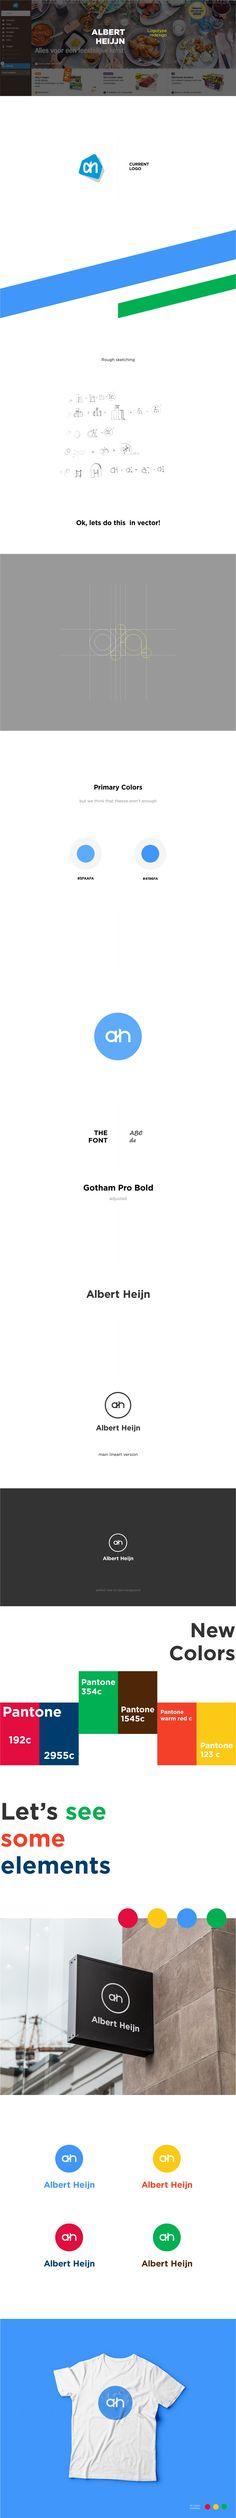 Albert Heijin - made by difiz.com